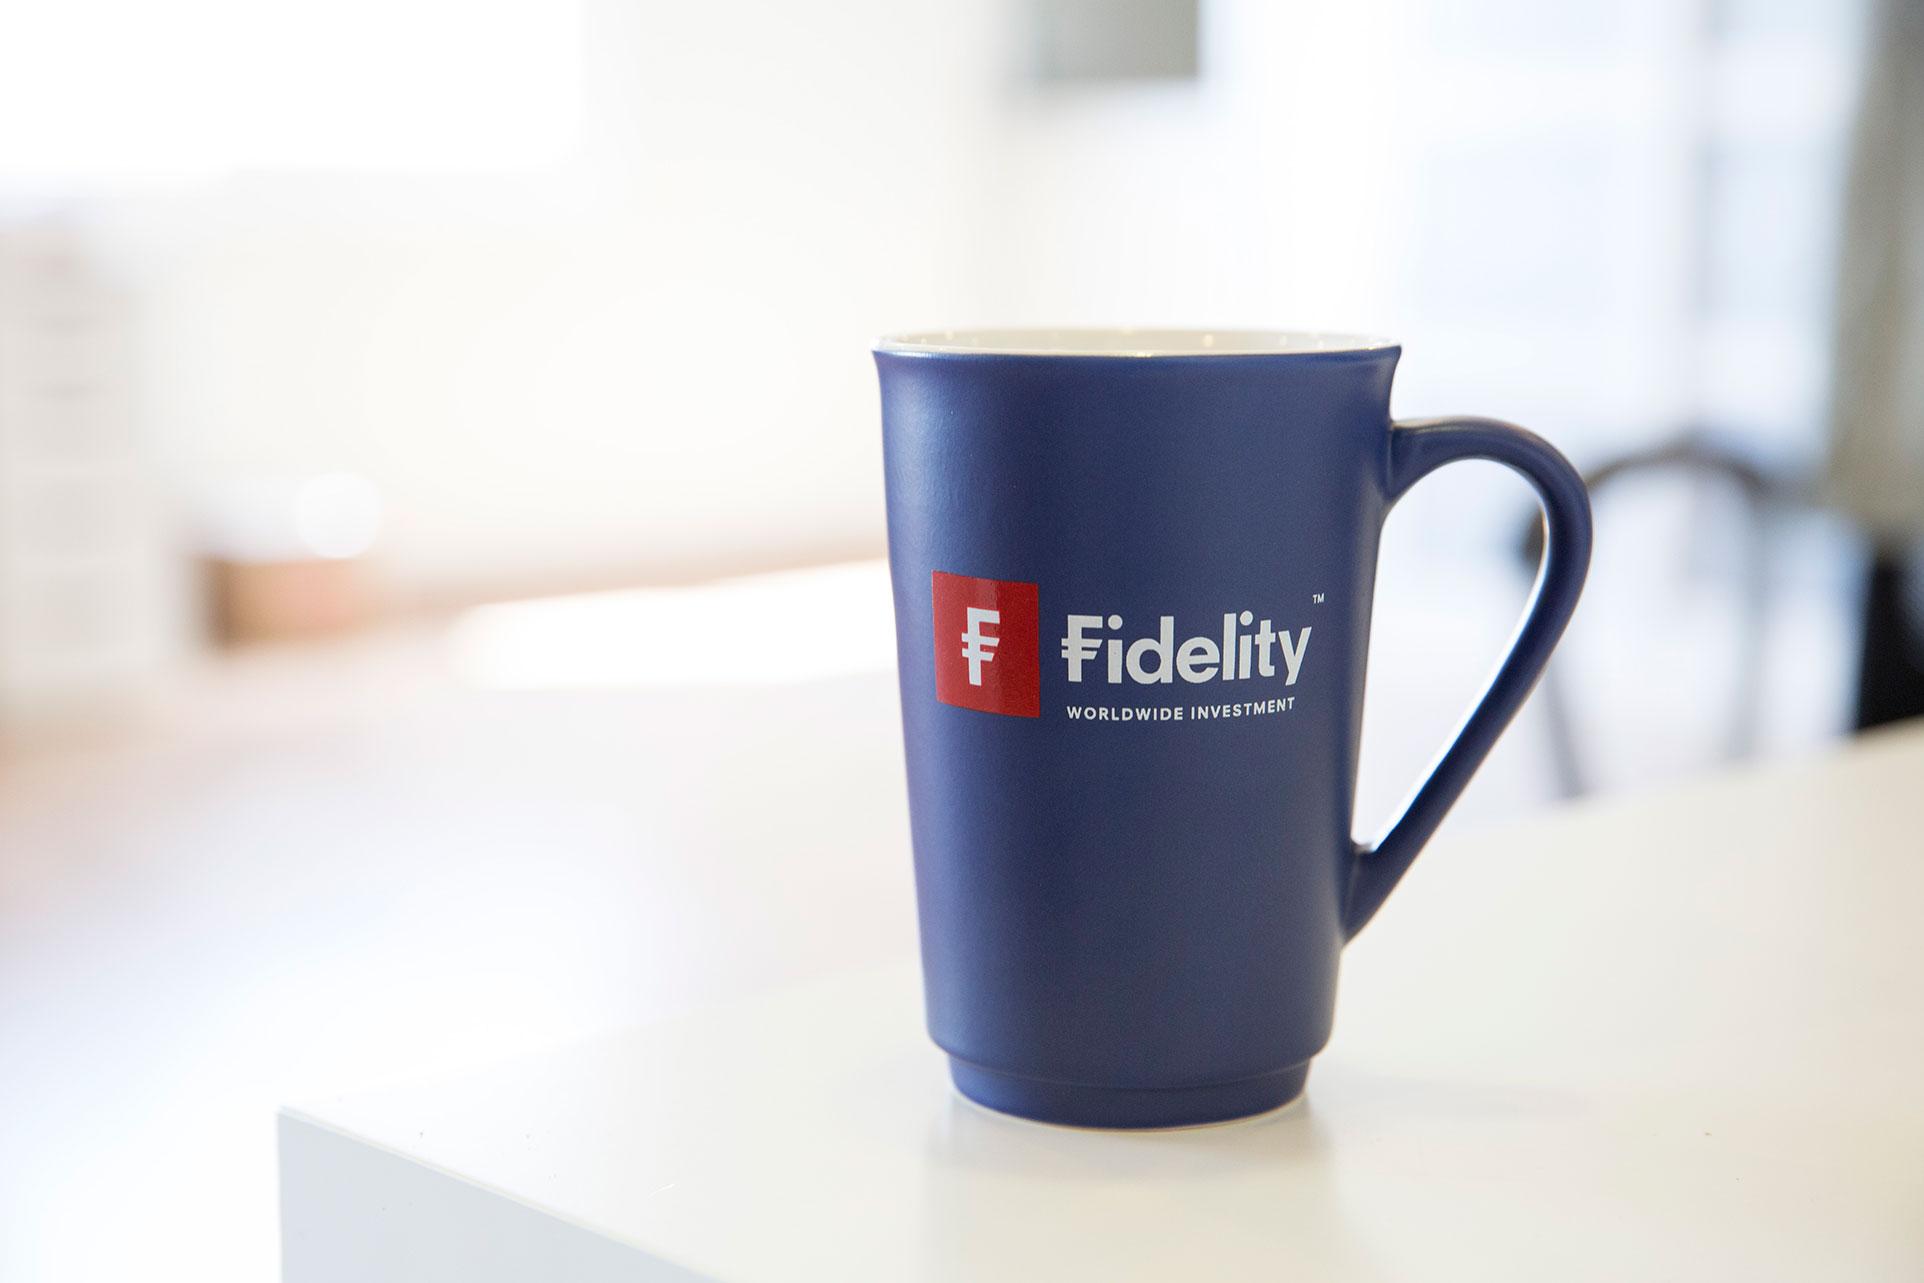 Matt ceramic mug with a company logo imprint